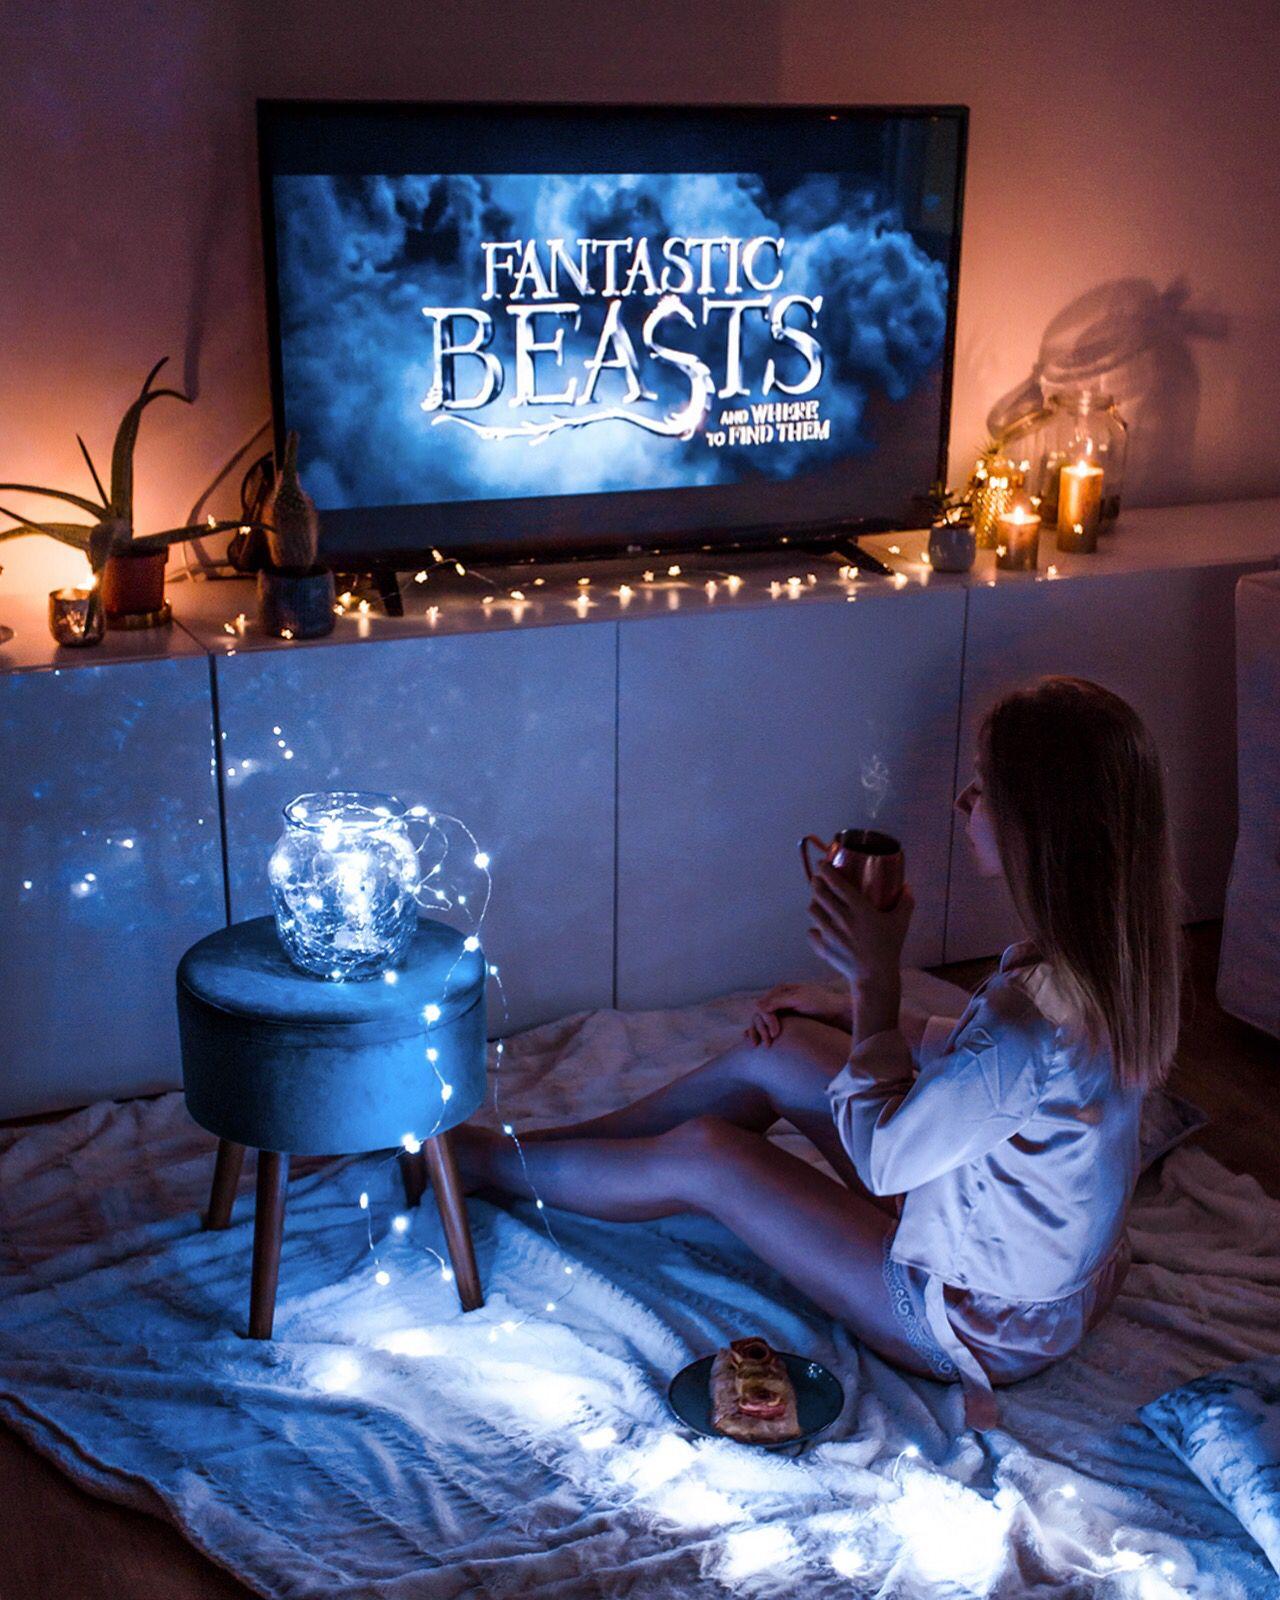 Vous aimez ce genre de soirées ? 💙 Ce sont mes préférées : un film magique, une tisane et une ...